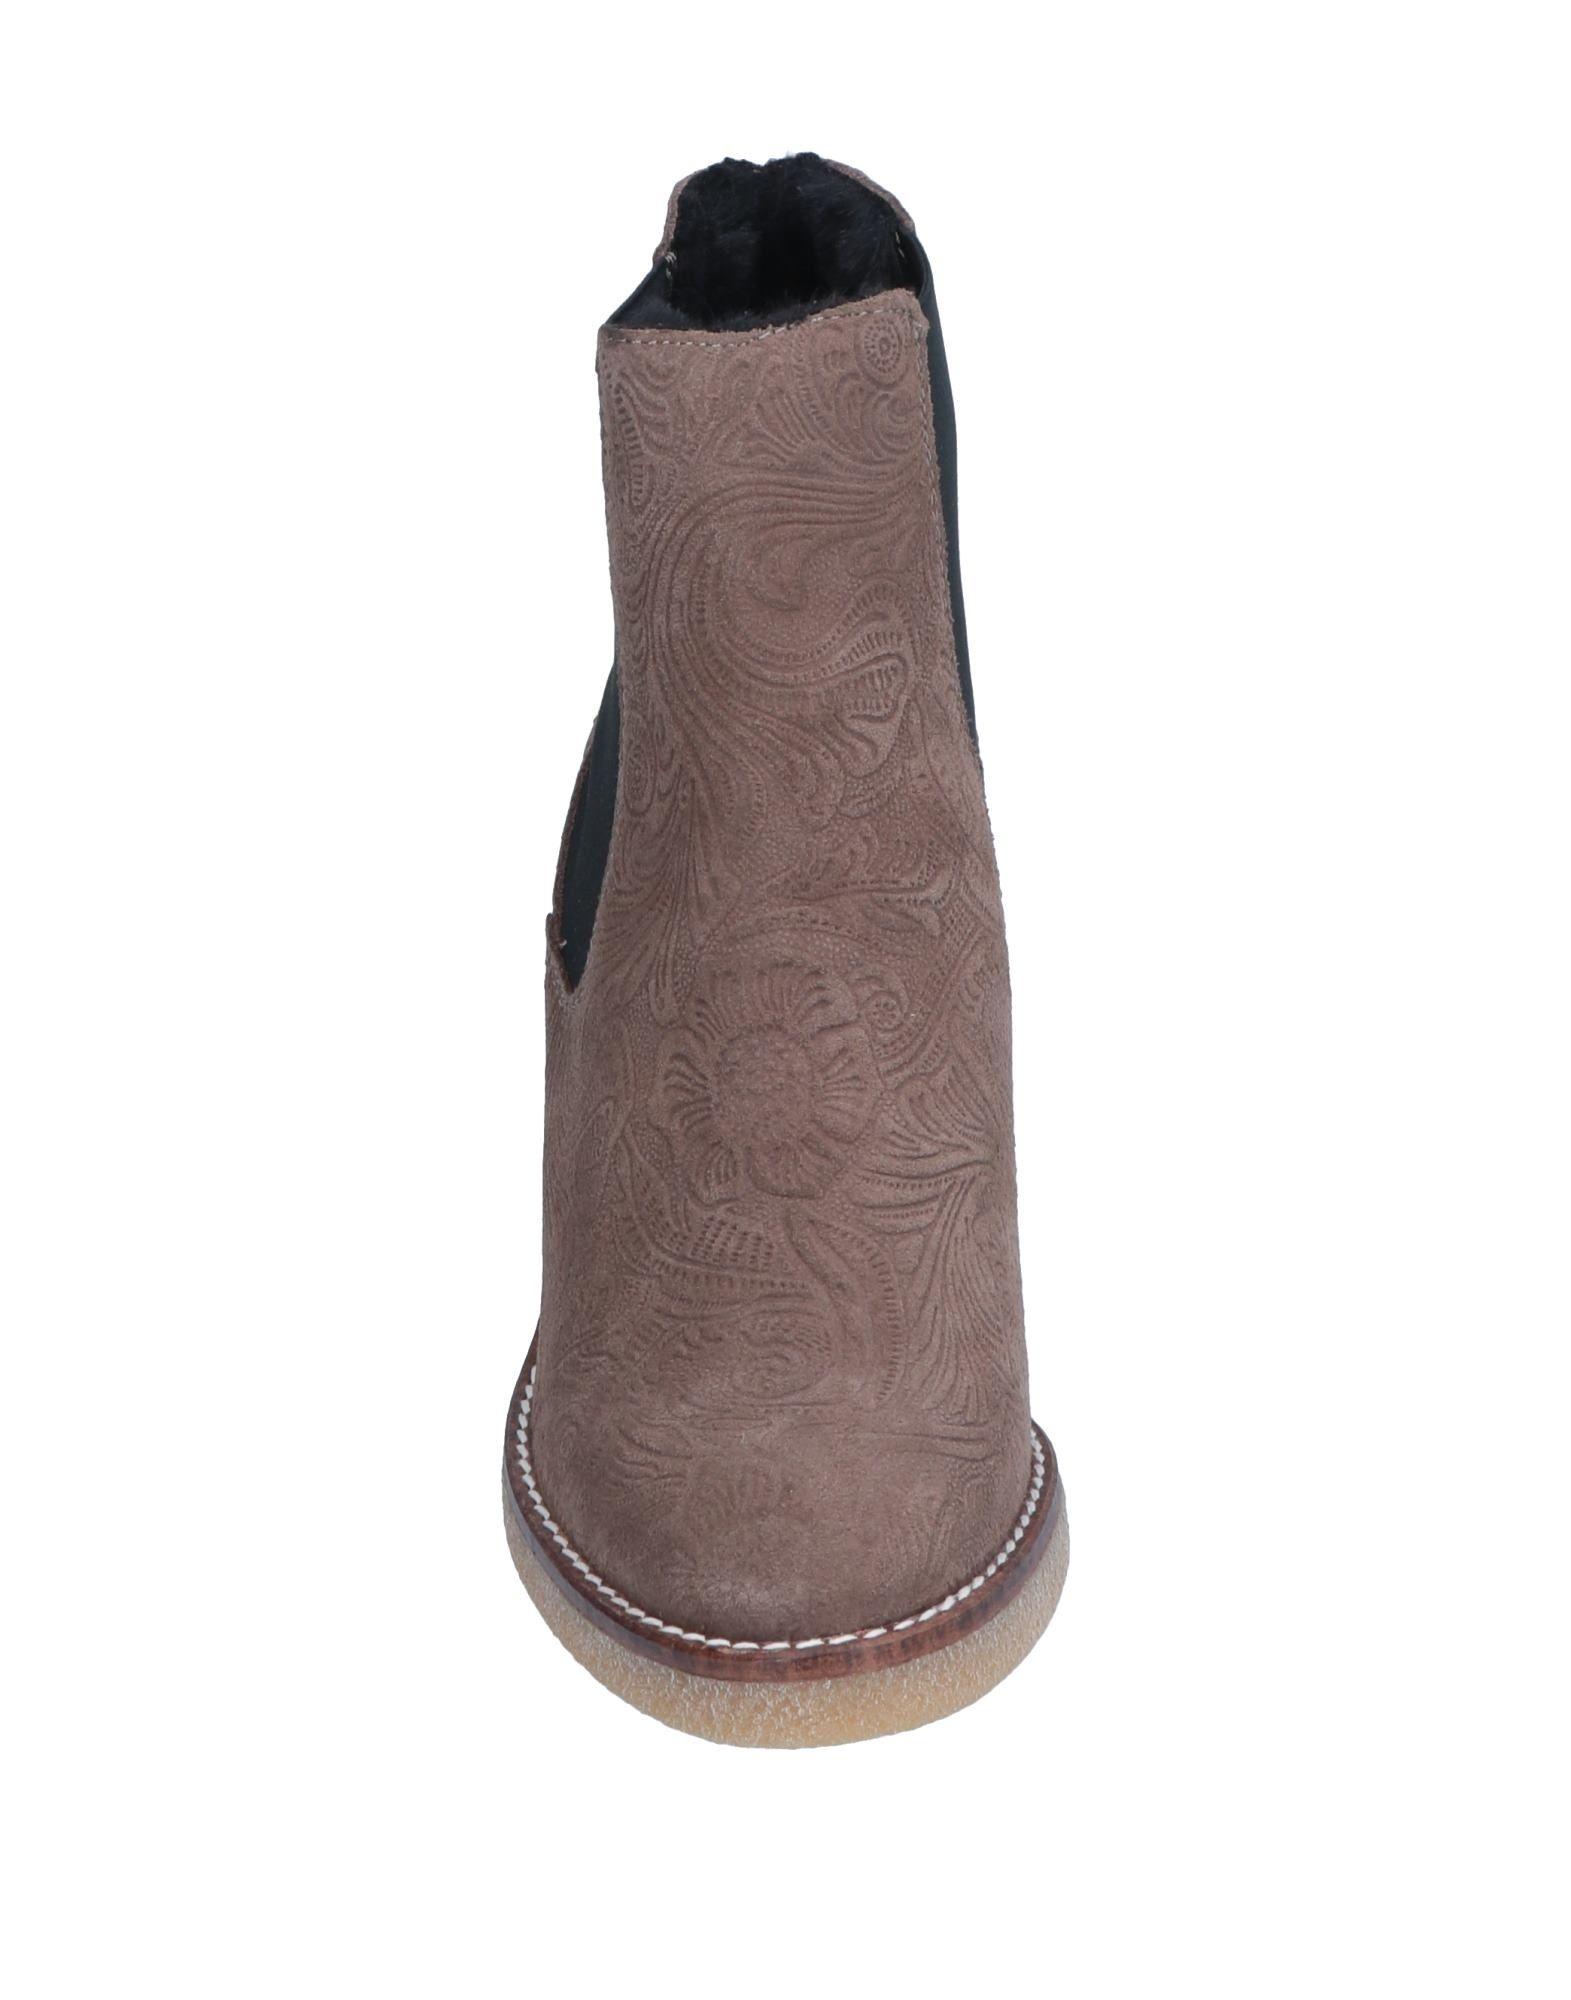 Cuplé Chelsea Boots Qualität Damen  11543718NL Gute Qualität Boots beliebte Schuhe 535103